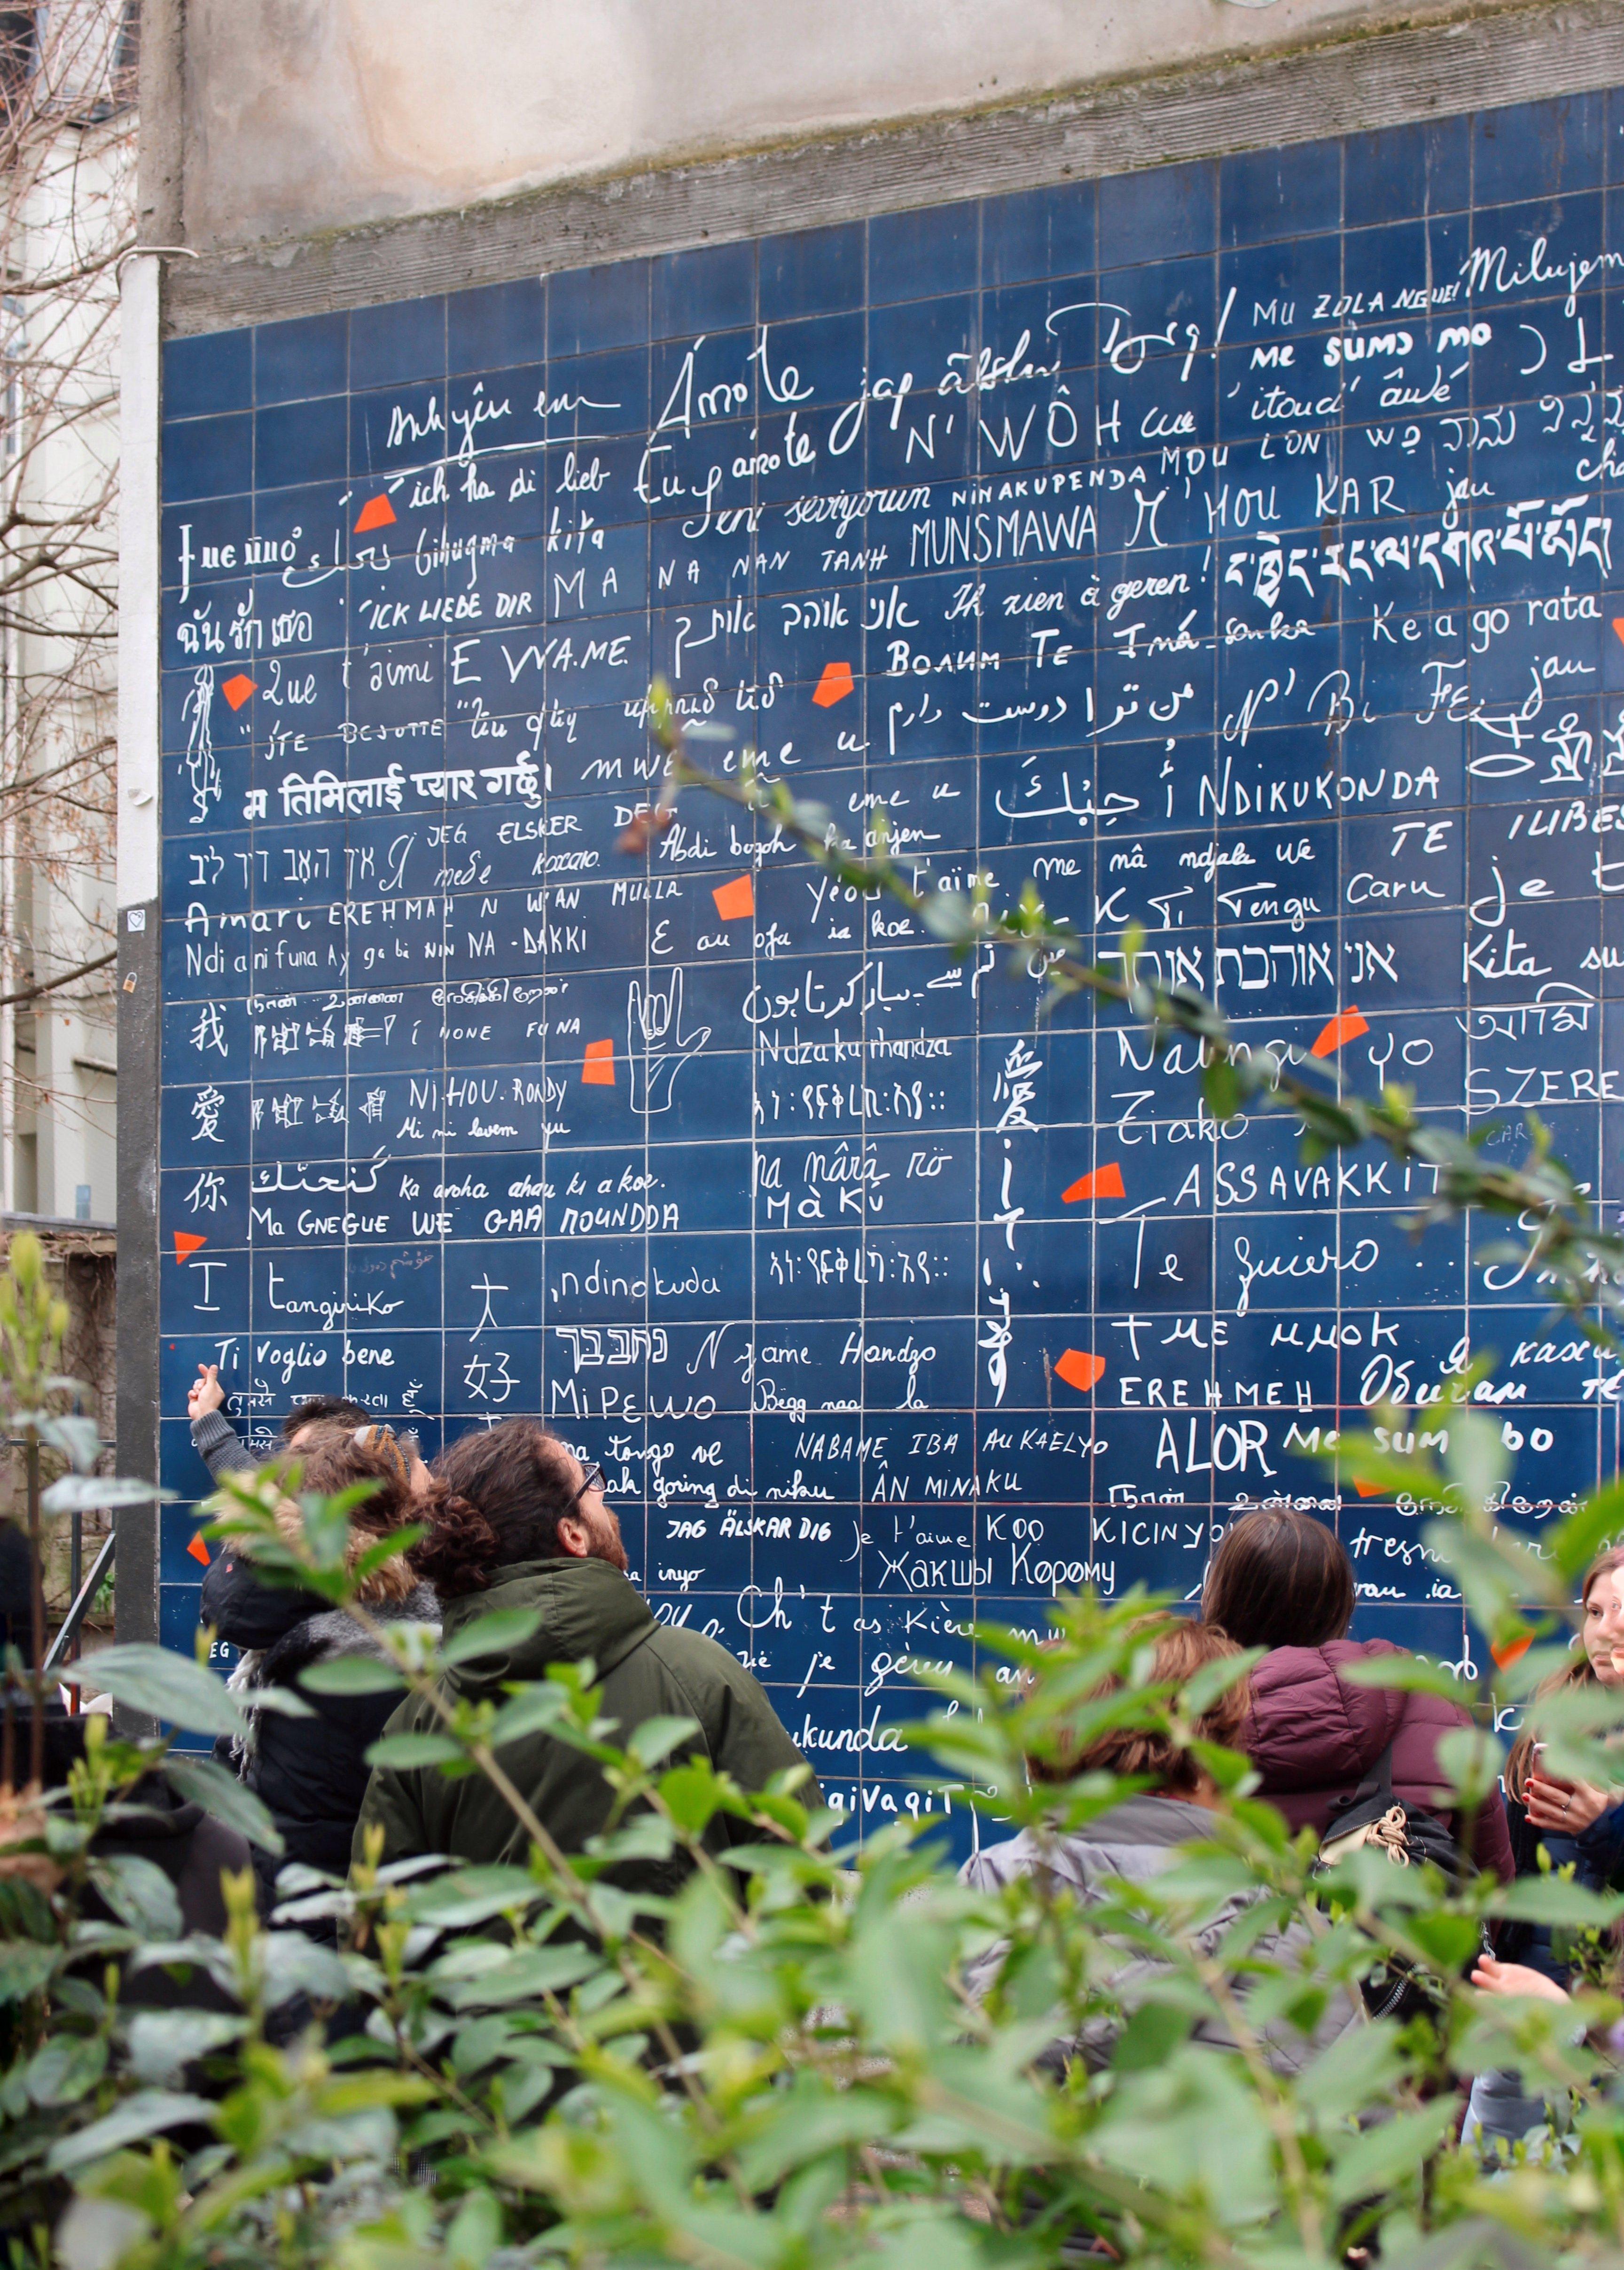 Le Mur de je t'aime - Rue des Abesses